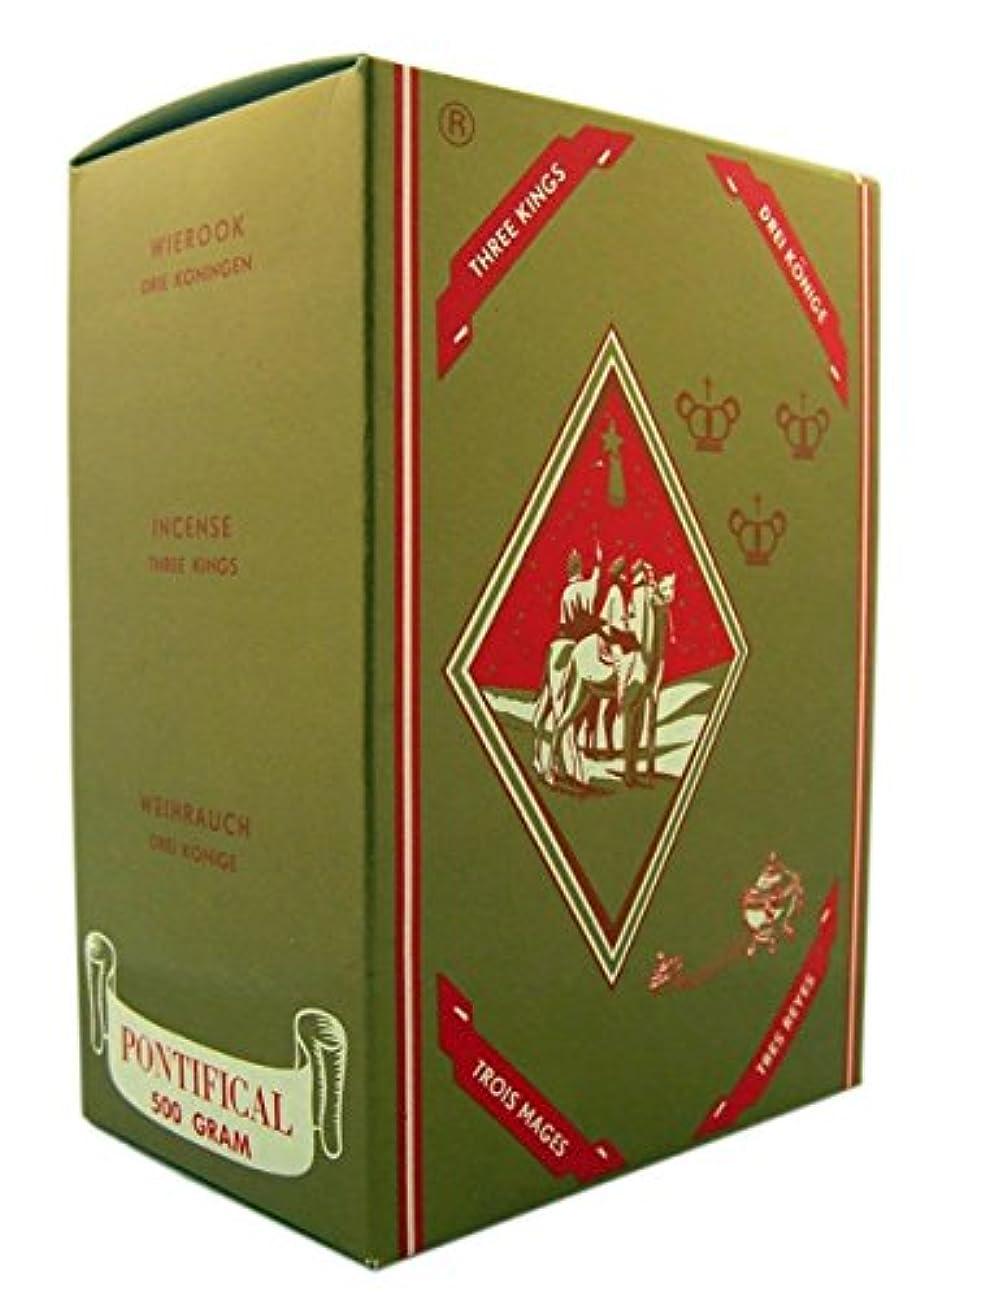 ワイン守るカタログPontifical Incense forホームまたは教会使用1ポンド